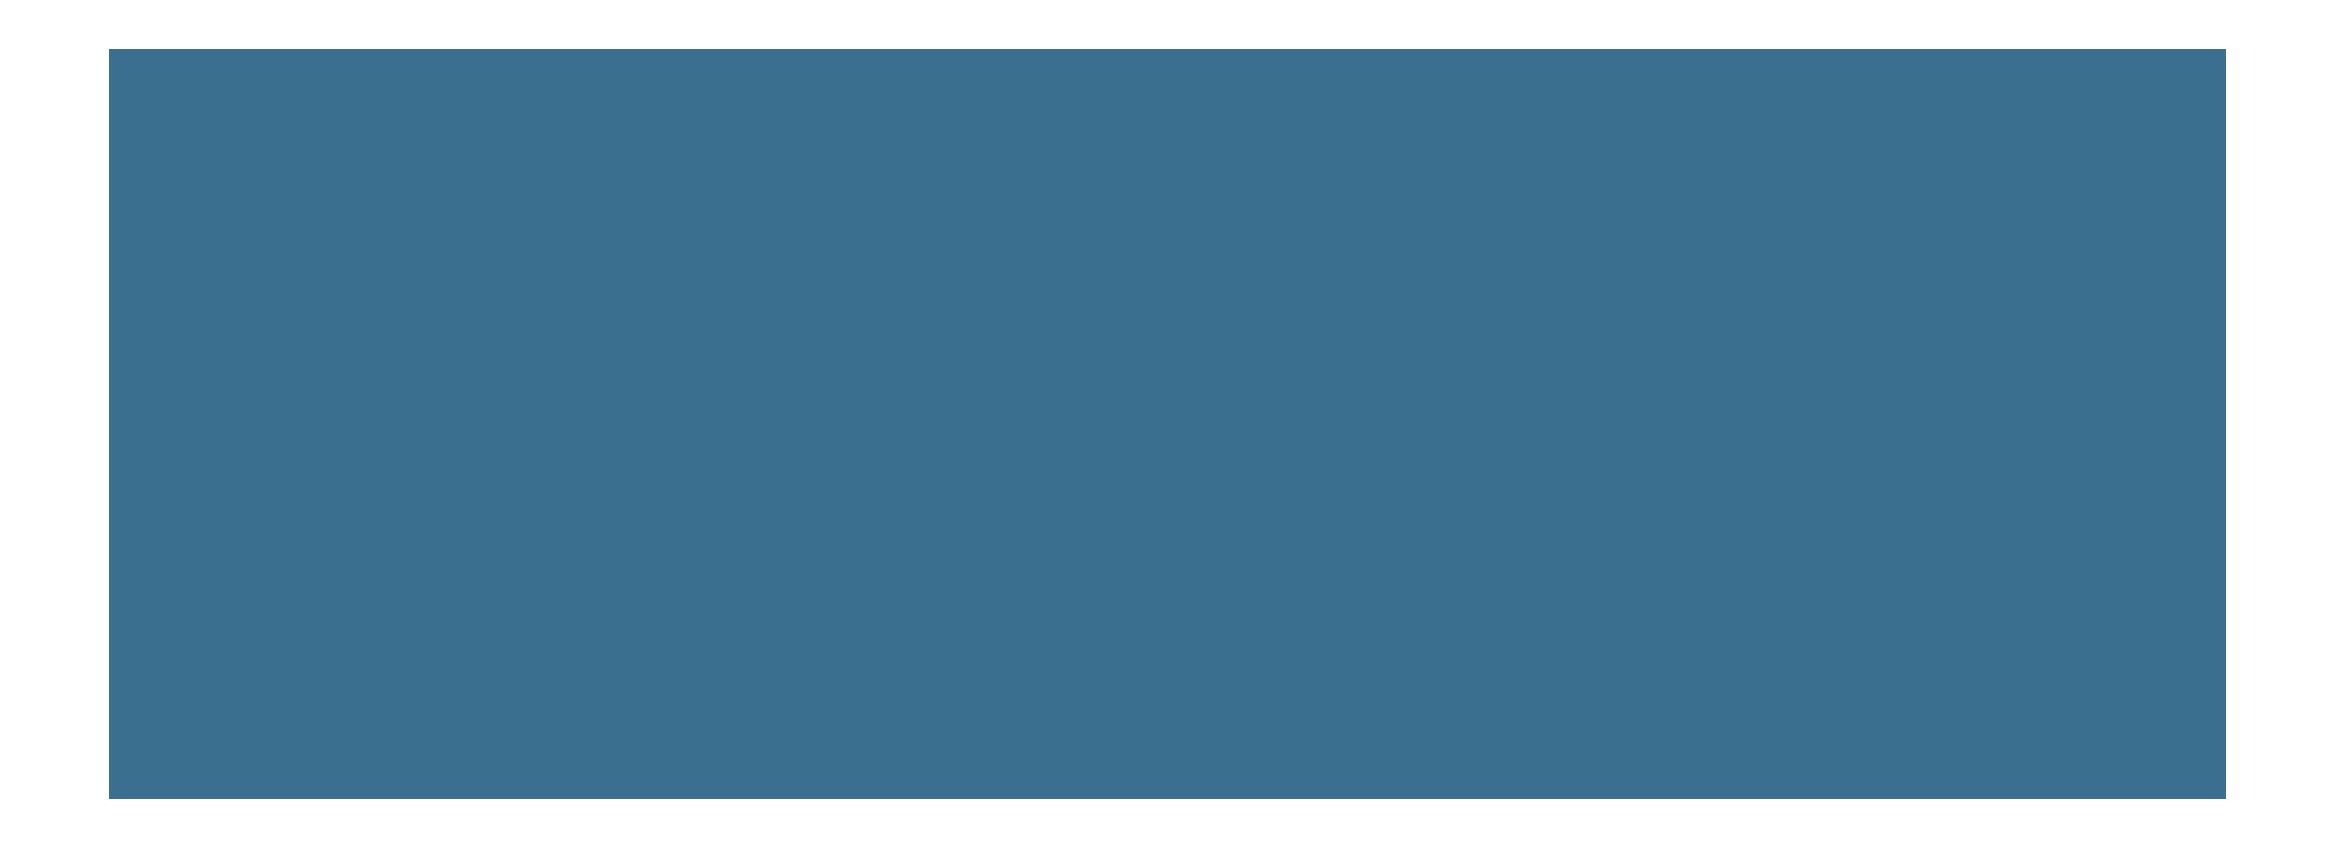 MetaViewer logo 2018.png